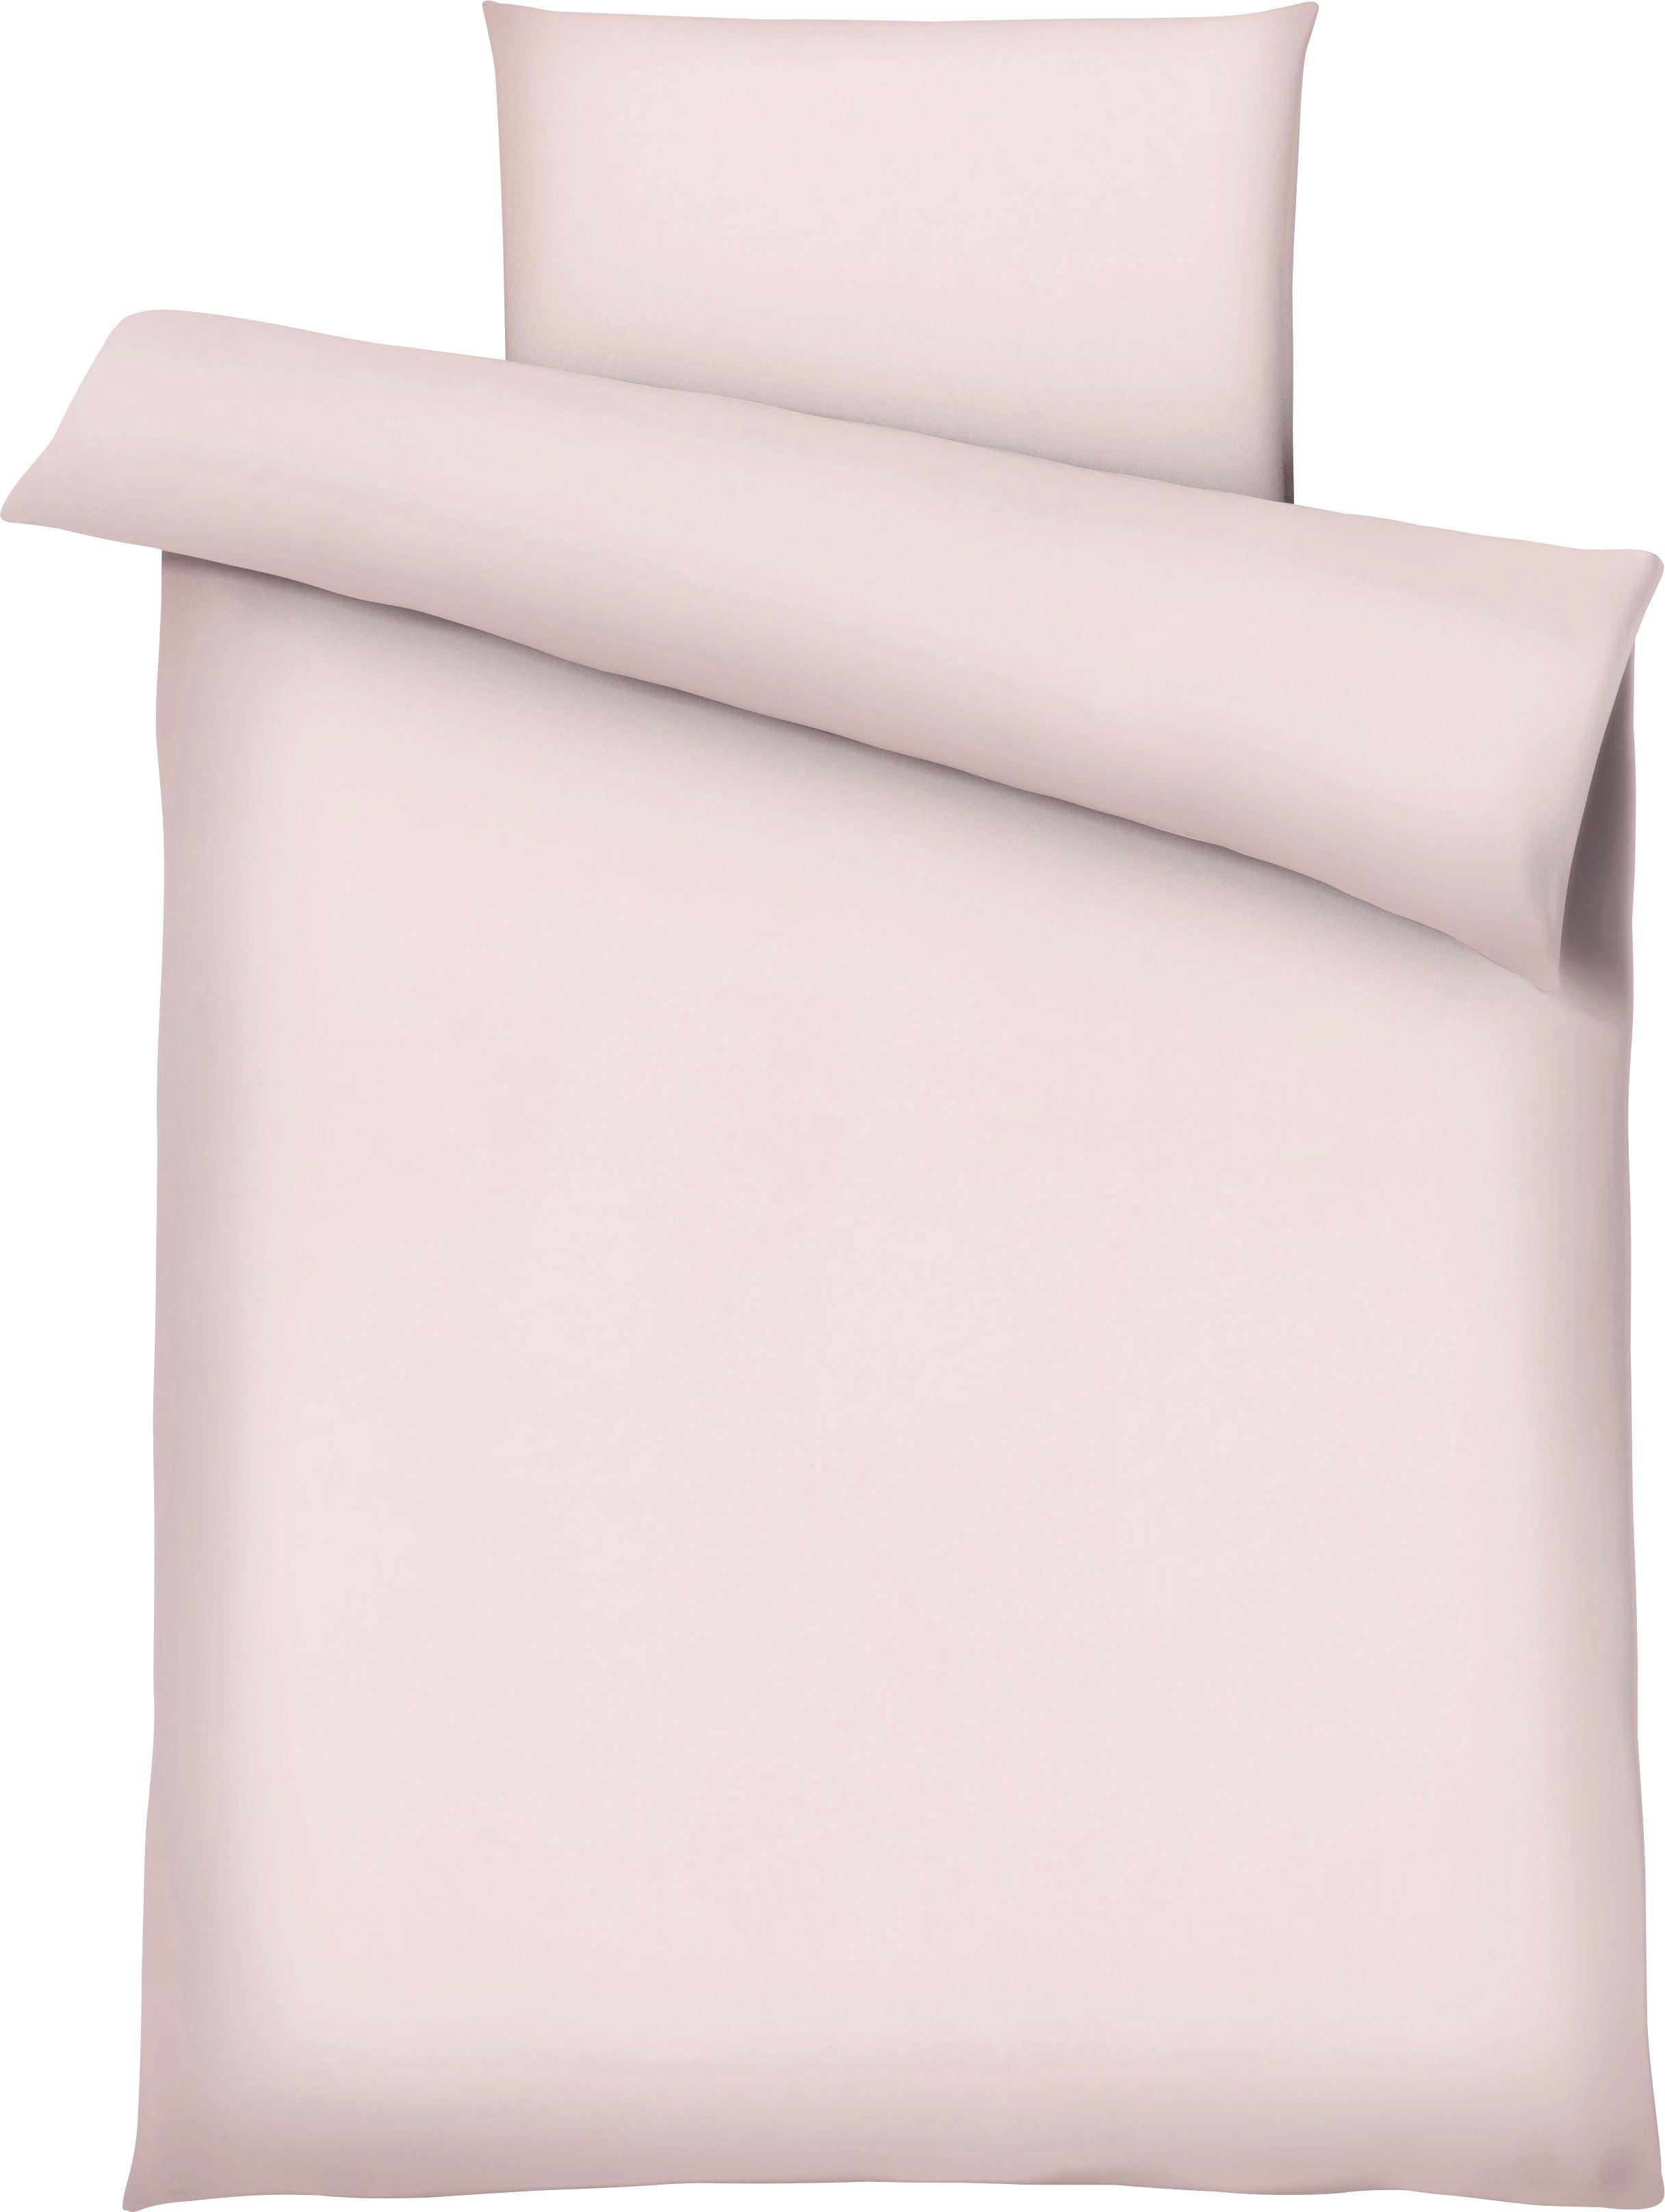 Bettwäsche Marion in Rosa, ca. 135x200cm - Rosa, Textil (135/200cm) - PREMIUM LIVING